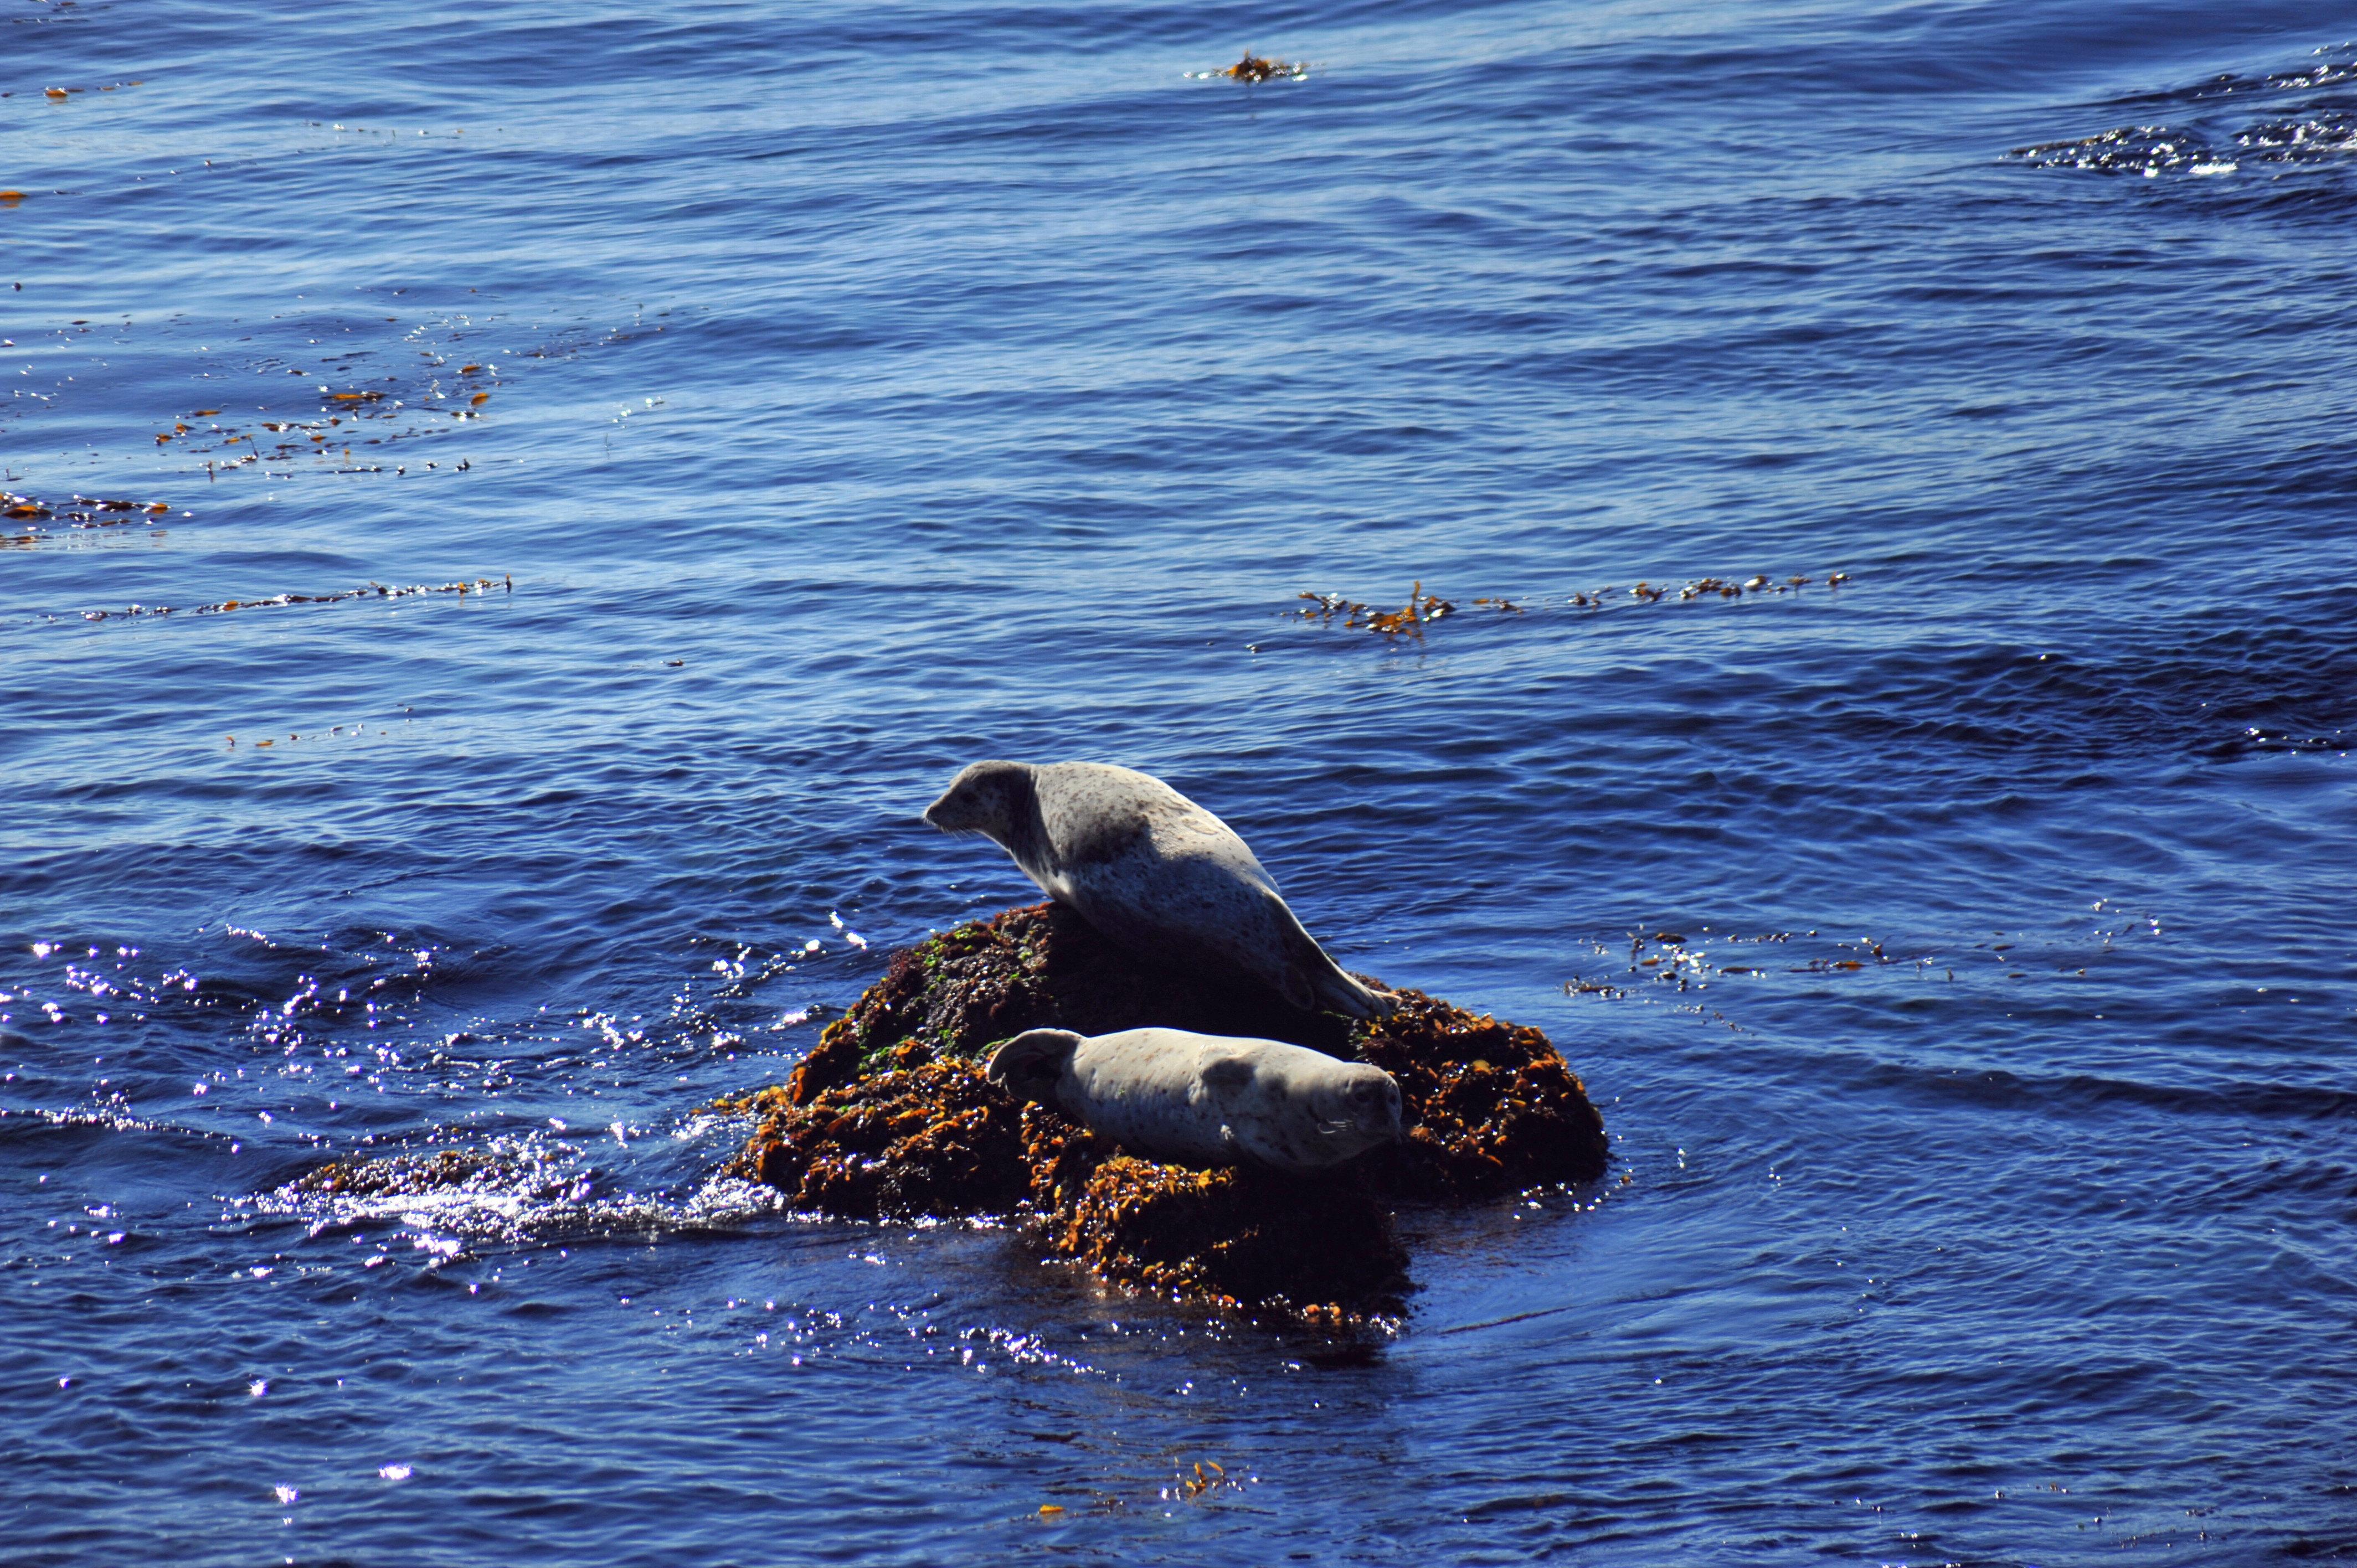 壁纸 动物 鲸鱼 4256_2832